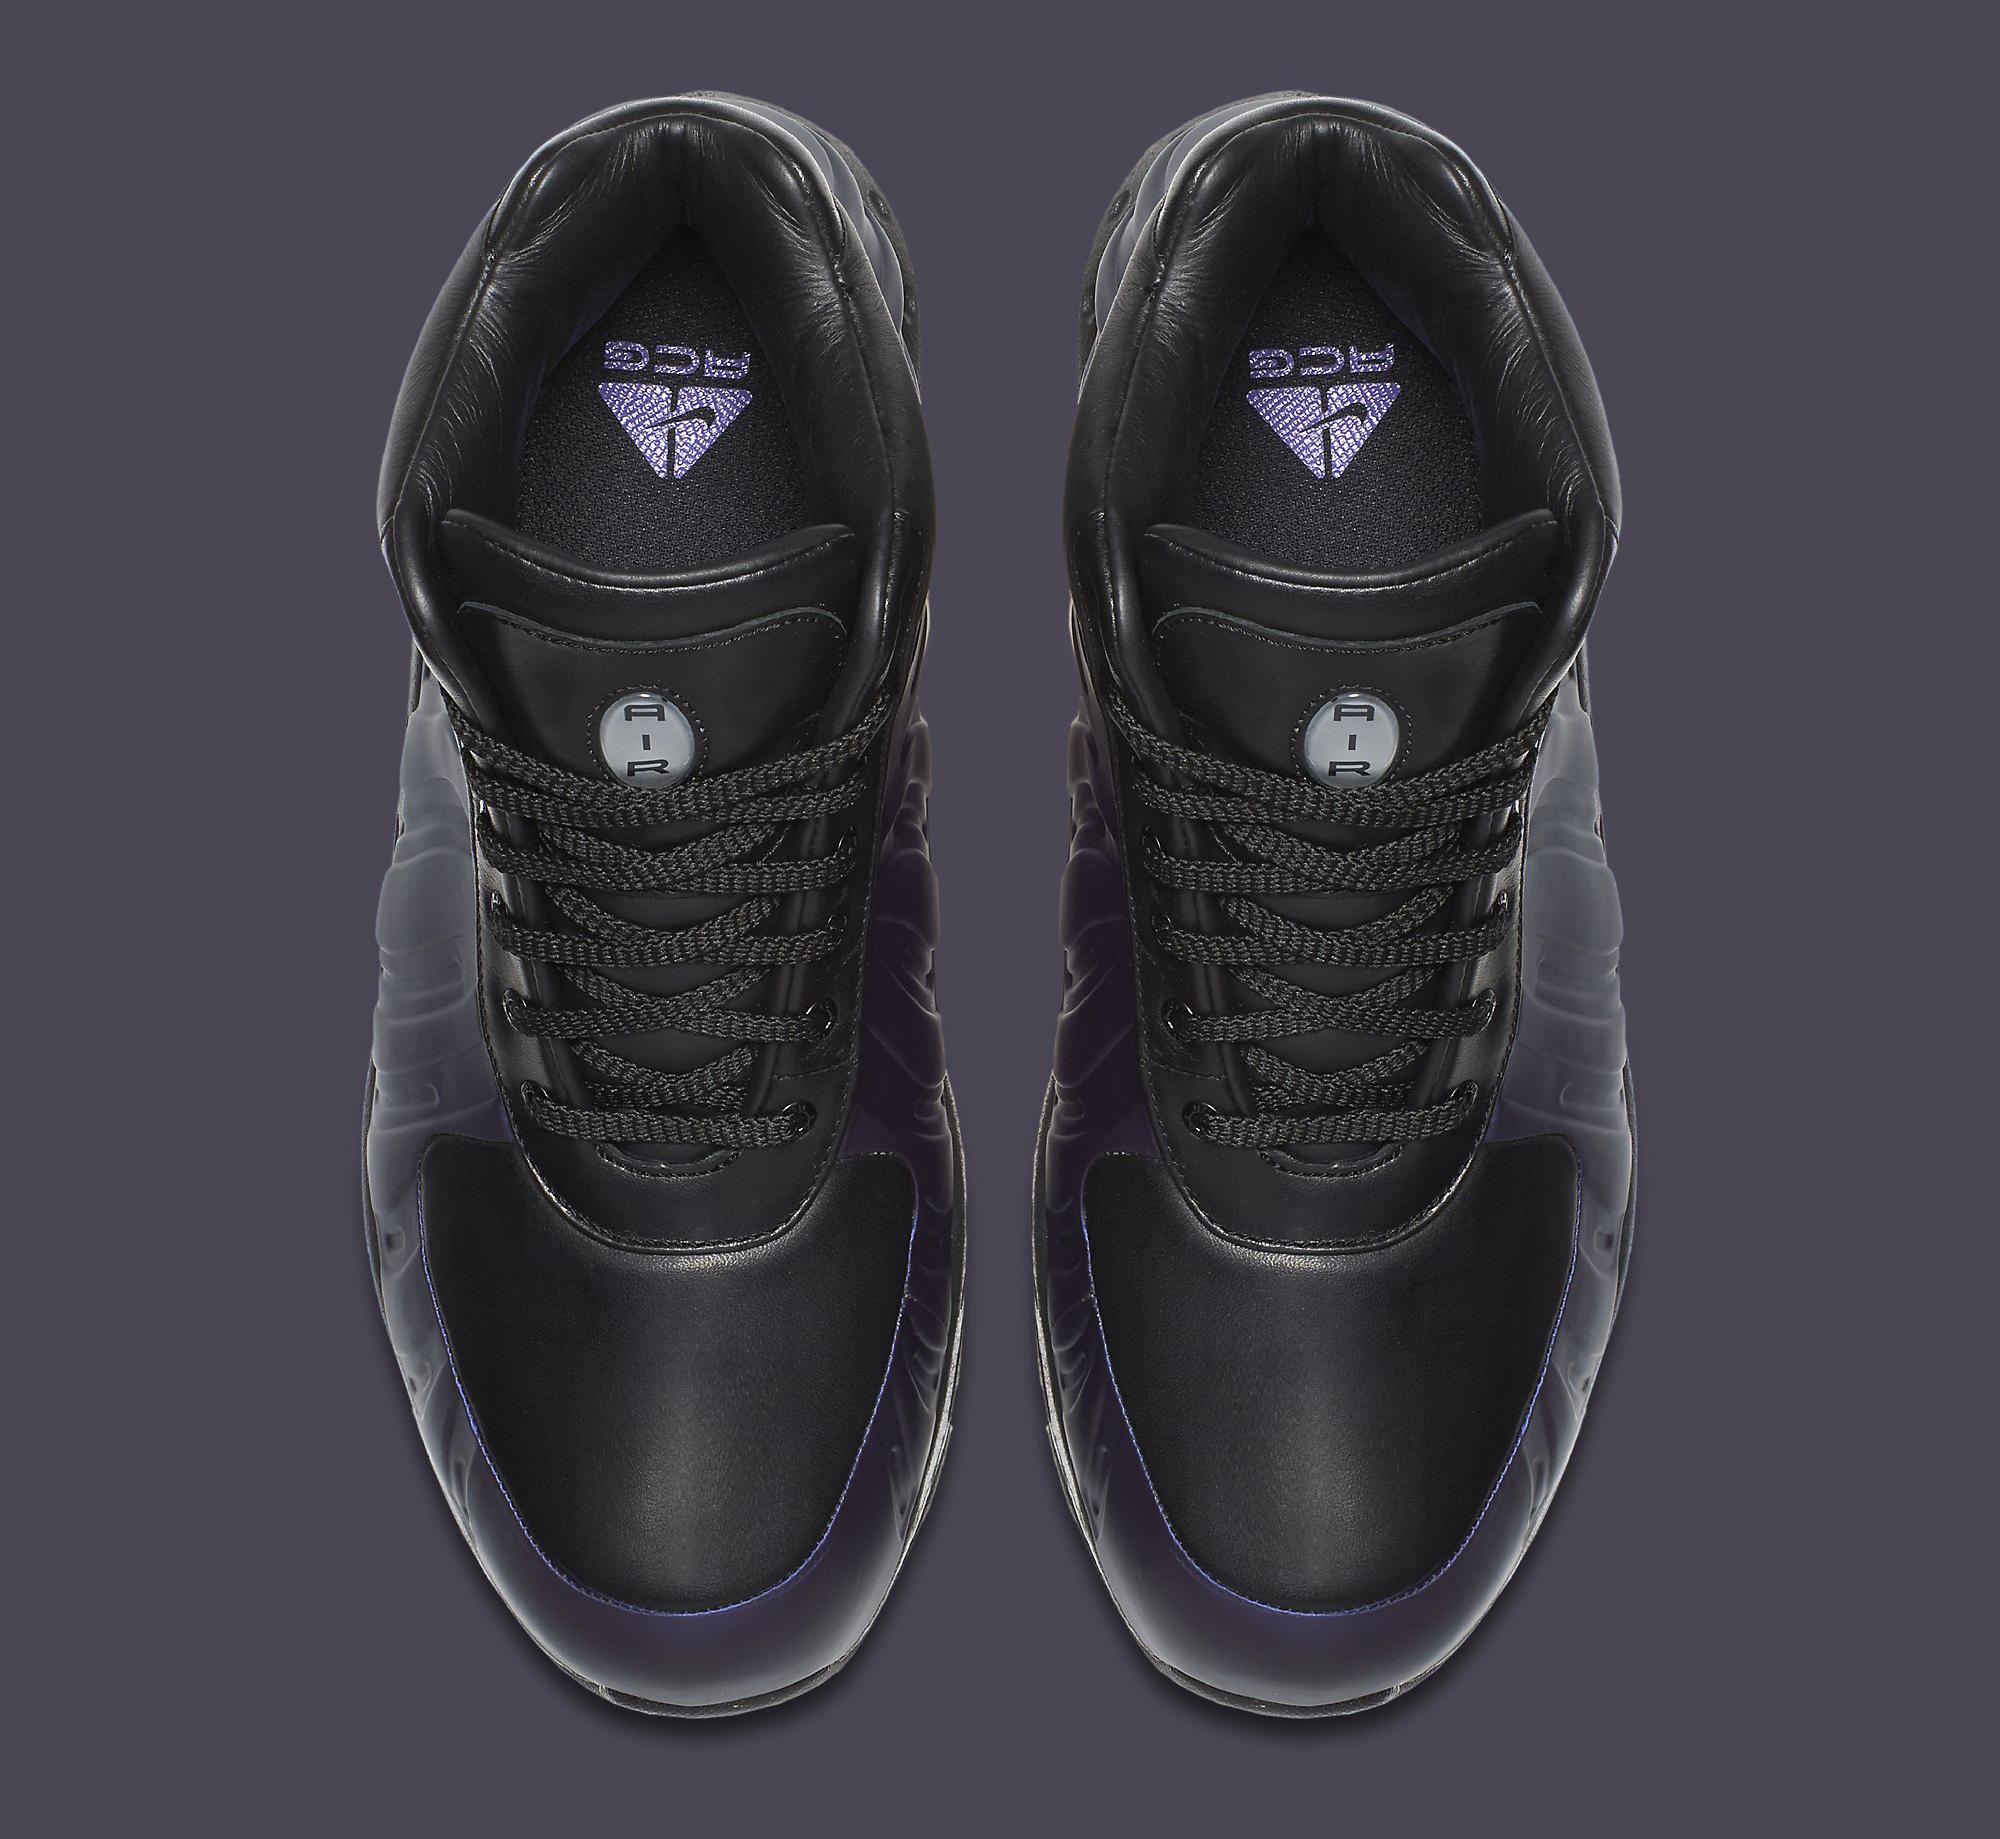 Nike Air Max Foamdome Eggplant 843749-500 Top